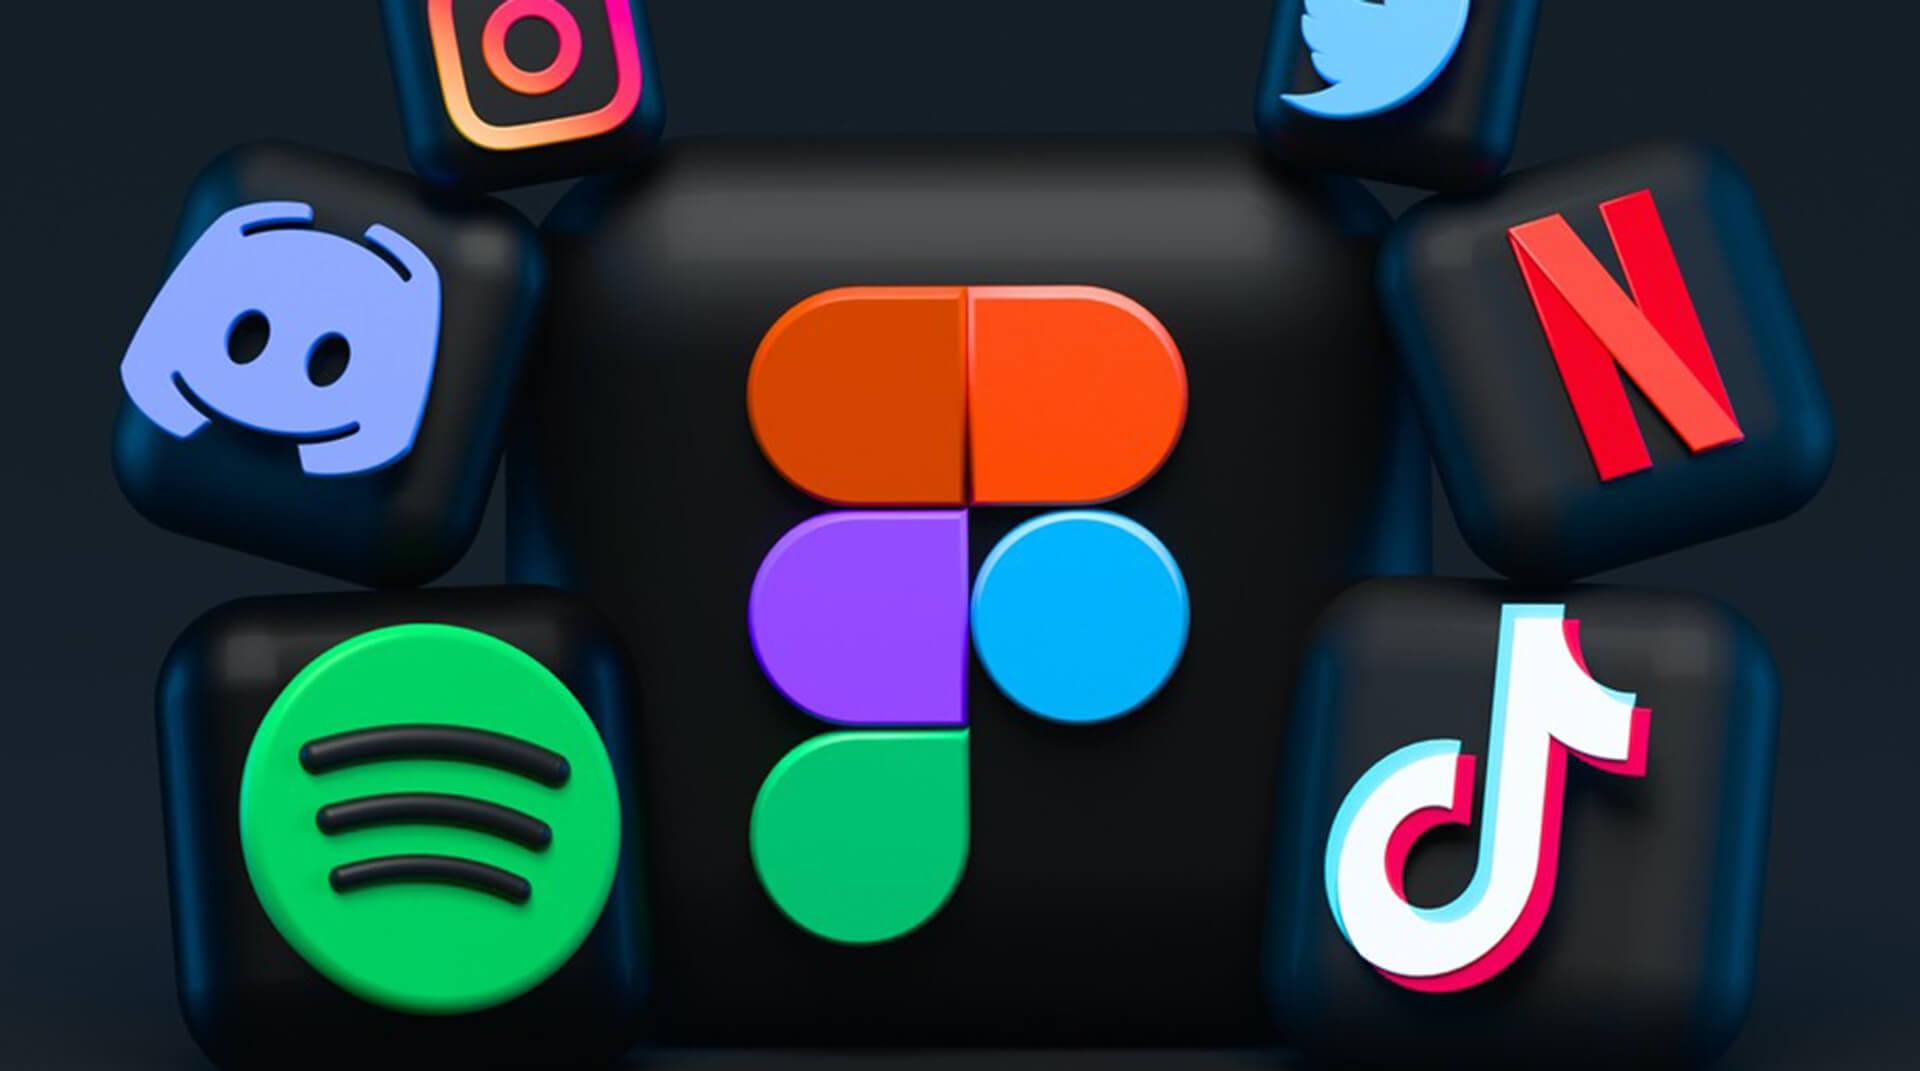 25 инсайтов о поведении пользователей в интернете: главное из отчета Hootsuite